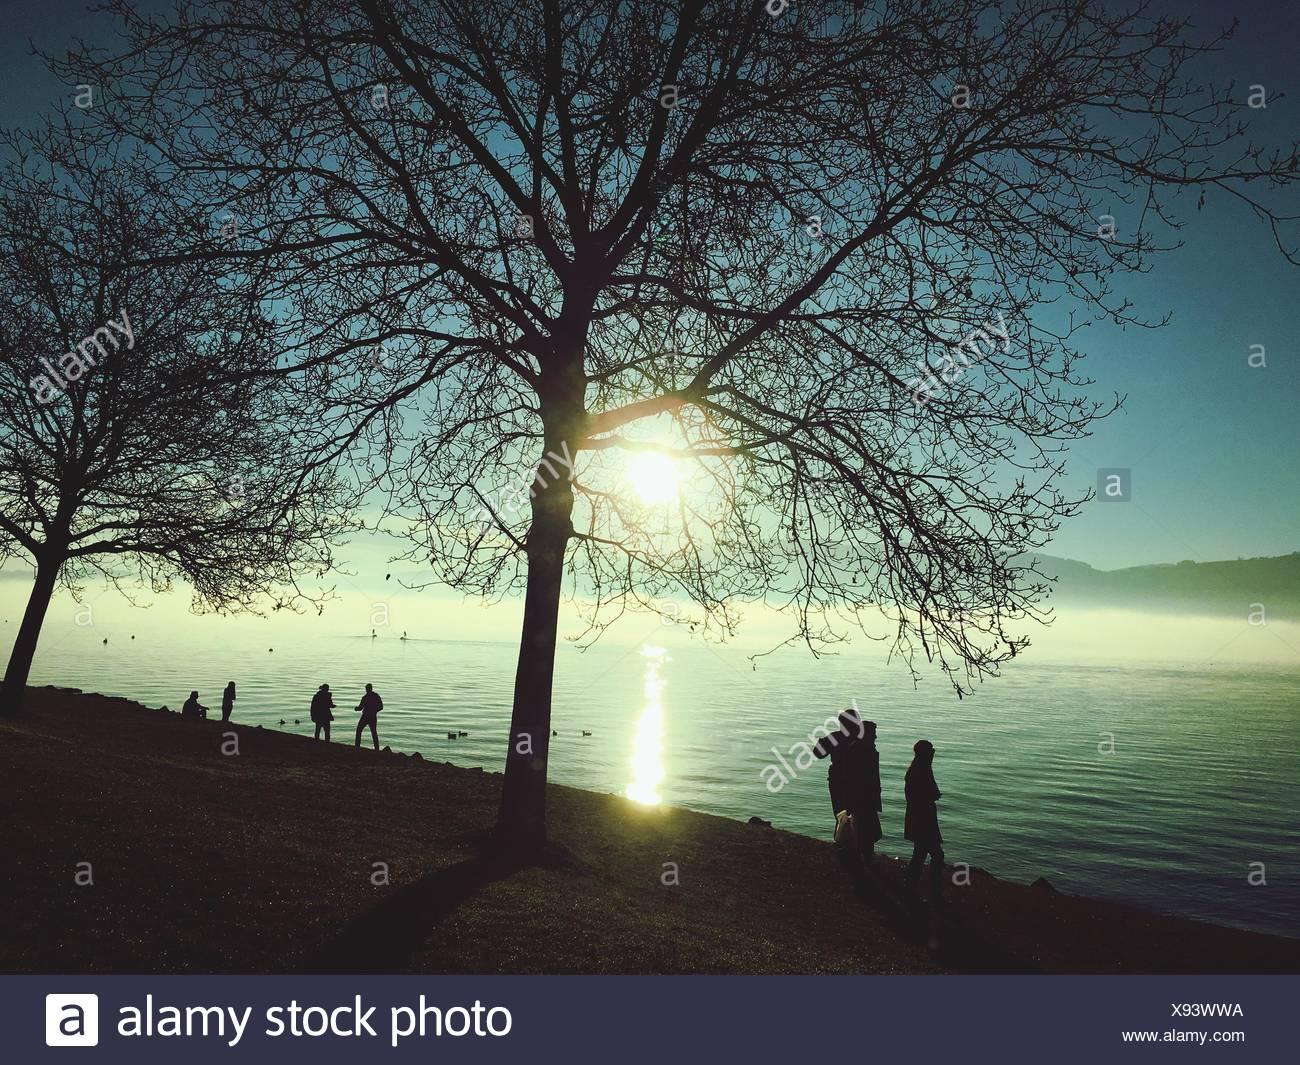 Silhouette di persone in piedi sul lungolago a Uerikon durante il tramonto Immagini Stock